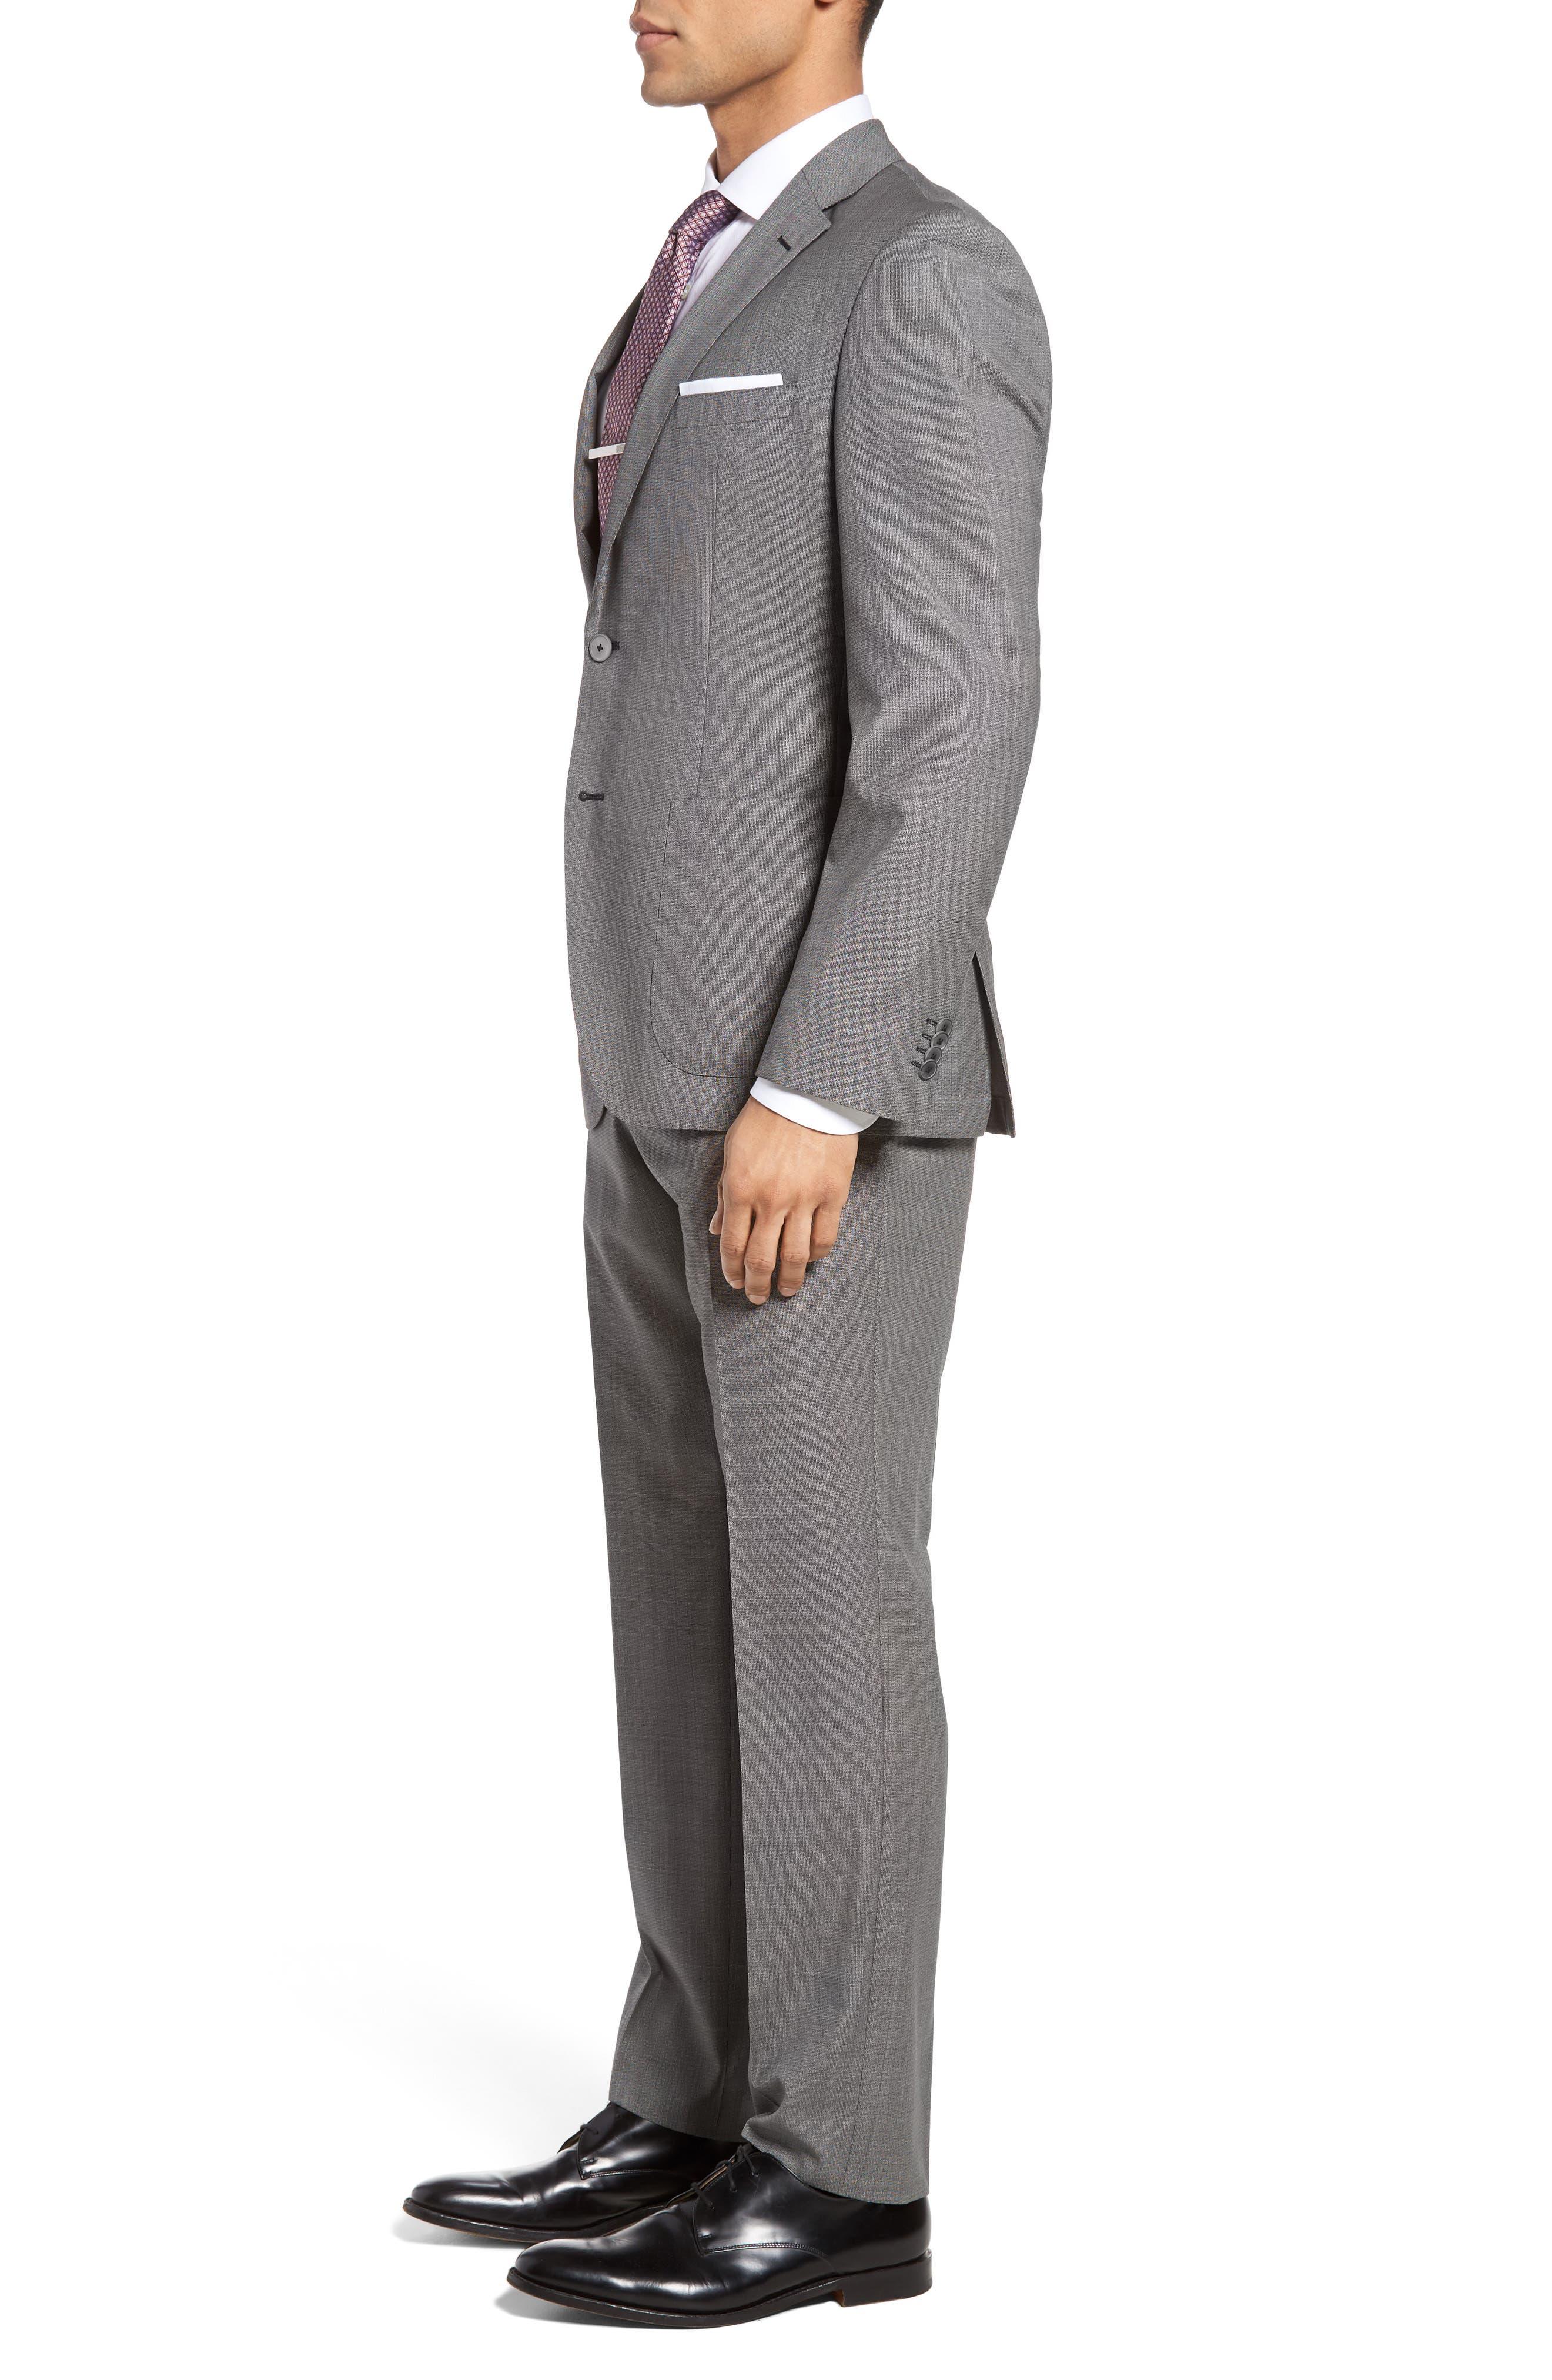 Janon/Lenon Trim Fit Solid Wool Suit,                             Alternate thumbnail 3, color,                             020